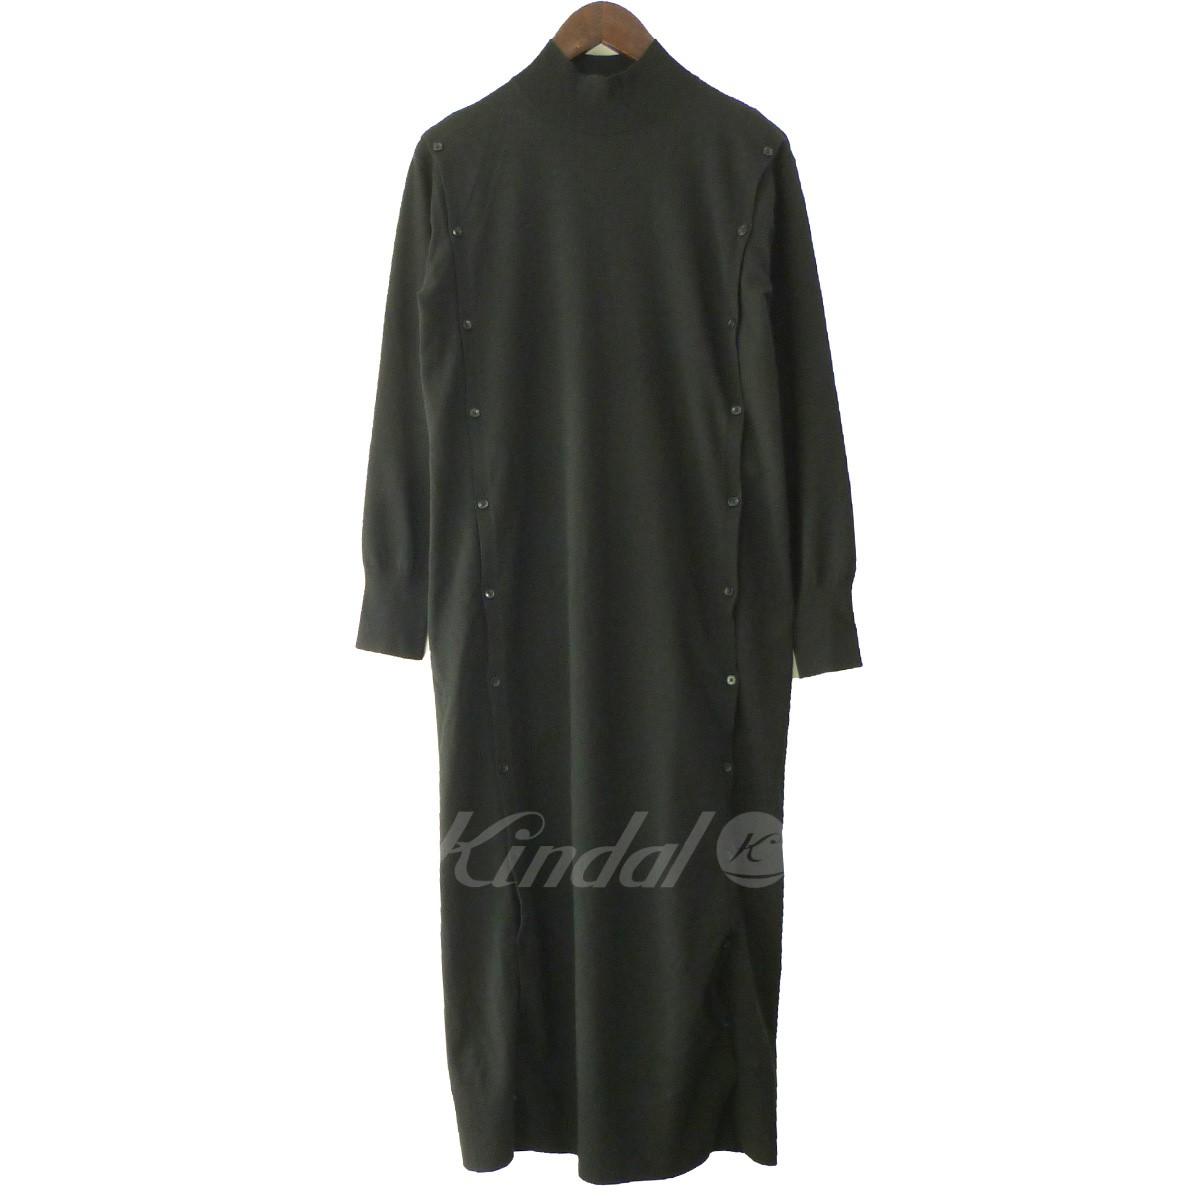 【中古】LE CIEL BLEU 19SS「Button Knit Dress」ボタンニットドレス ブラック サイズ:36 【090419】(ルシェルブルー)